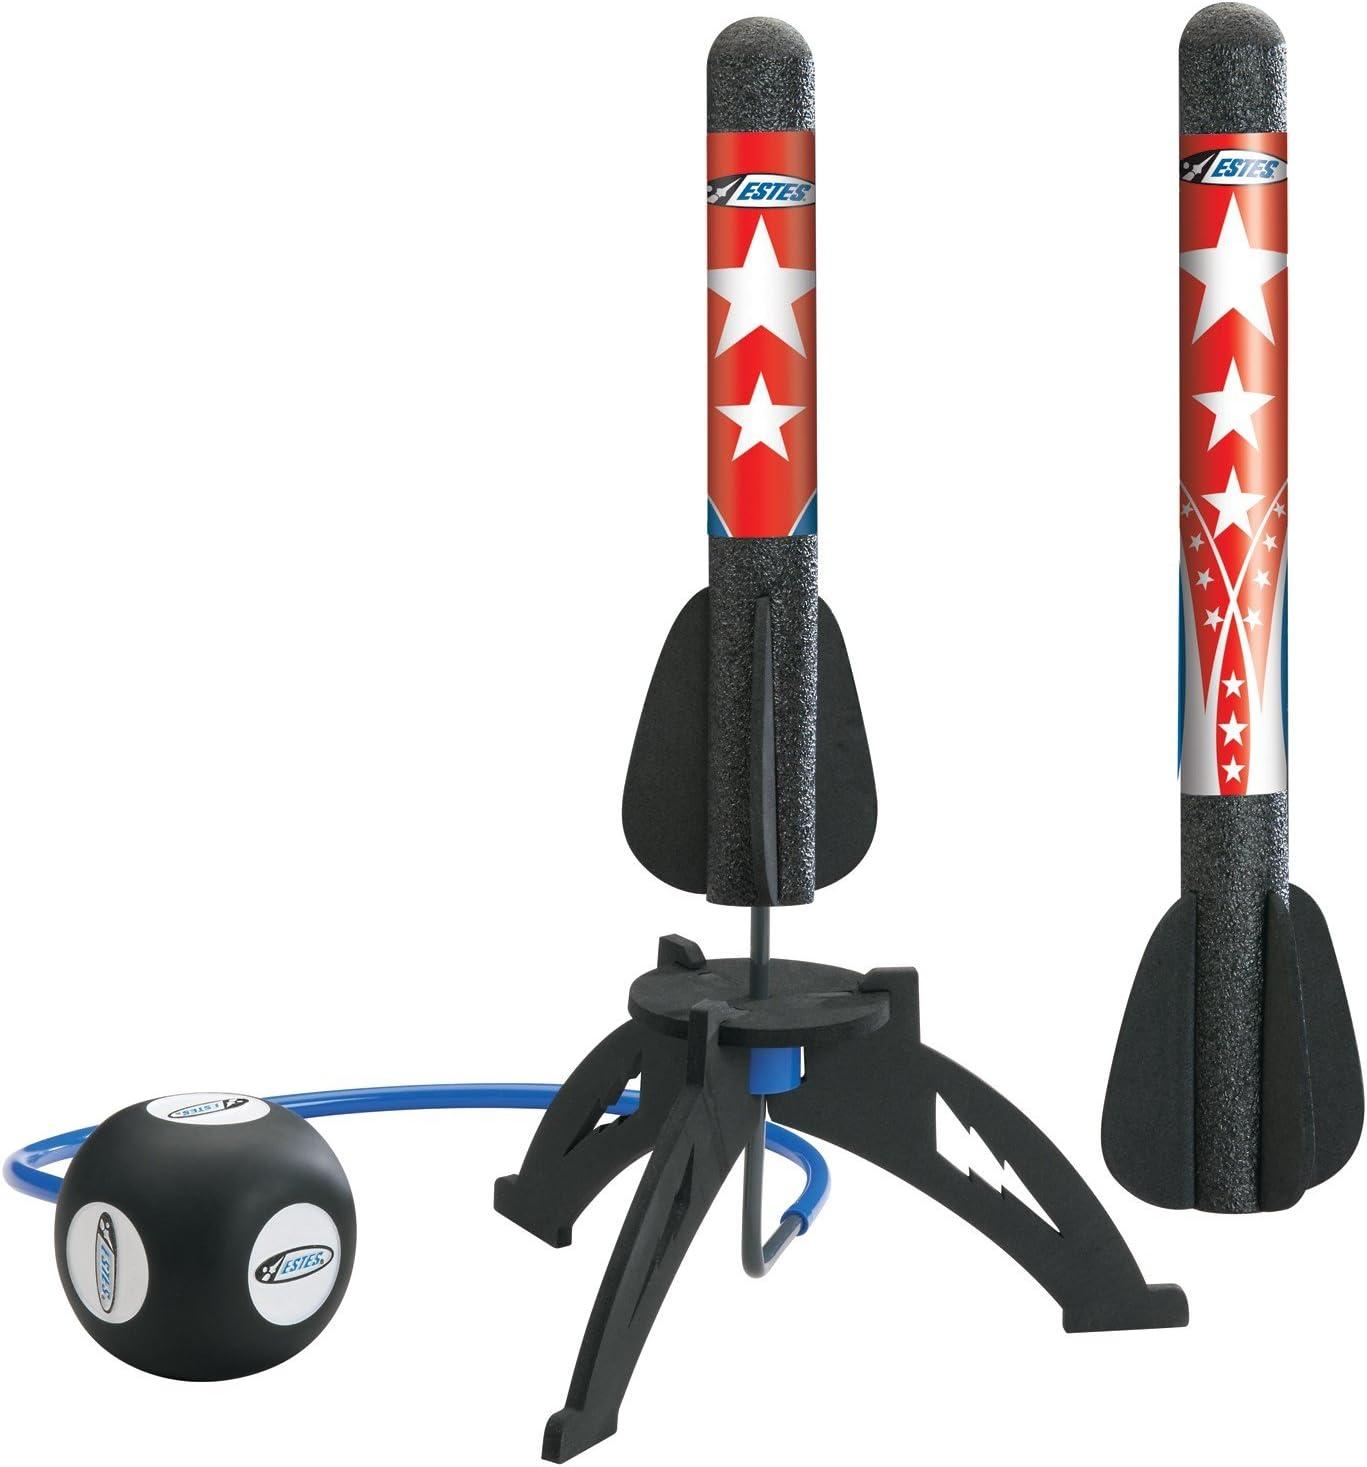 Estes 01908 Rocket Star Air Rocket Set